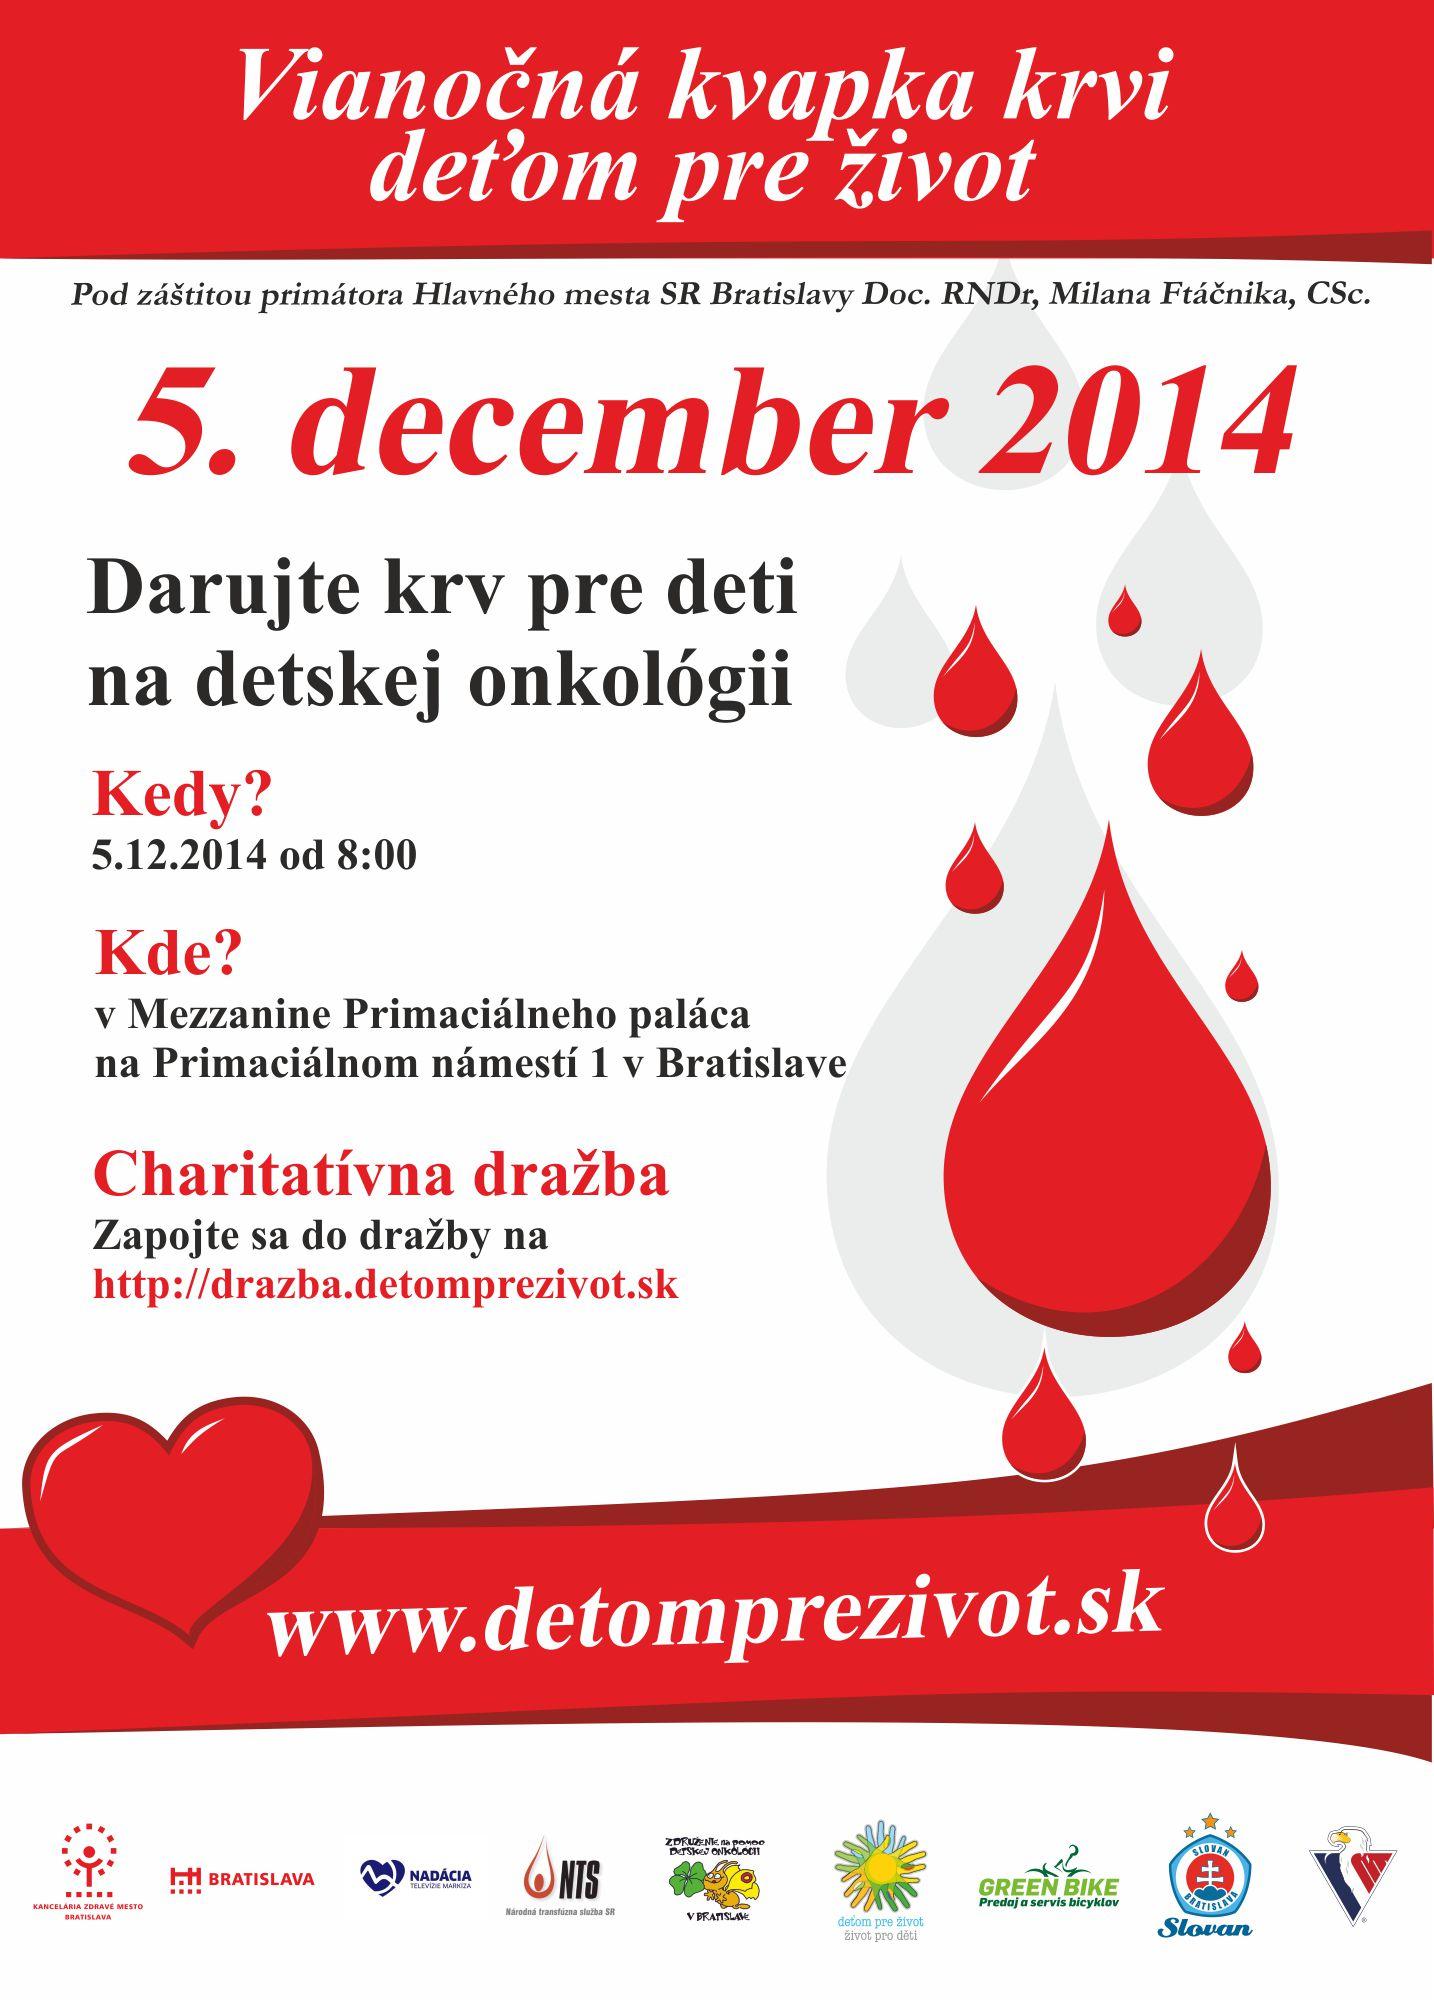 Vianočná kvapka krvi v Bratislave a Prešove